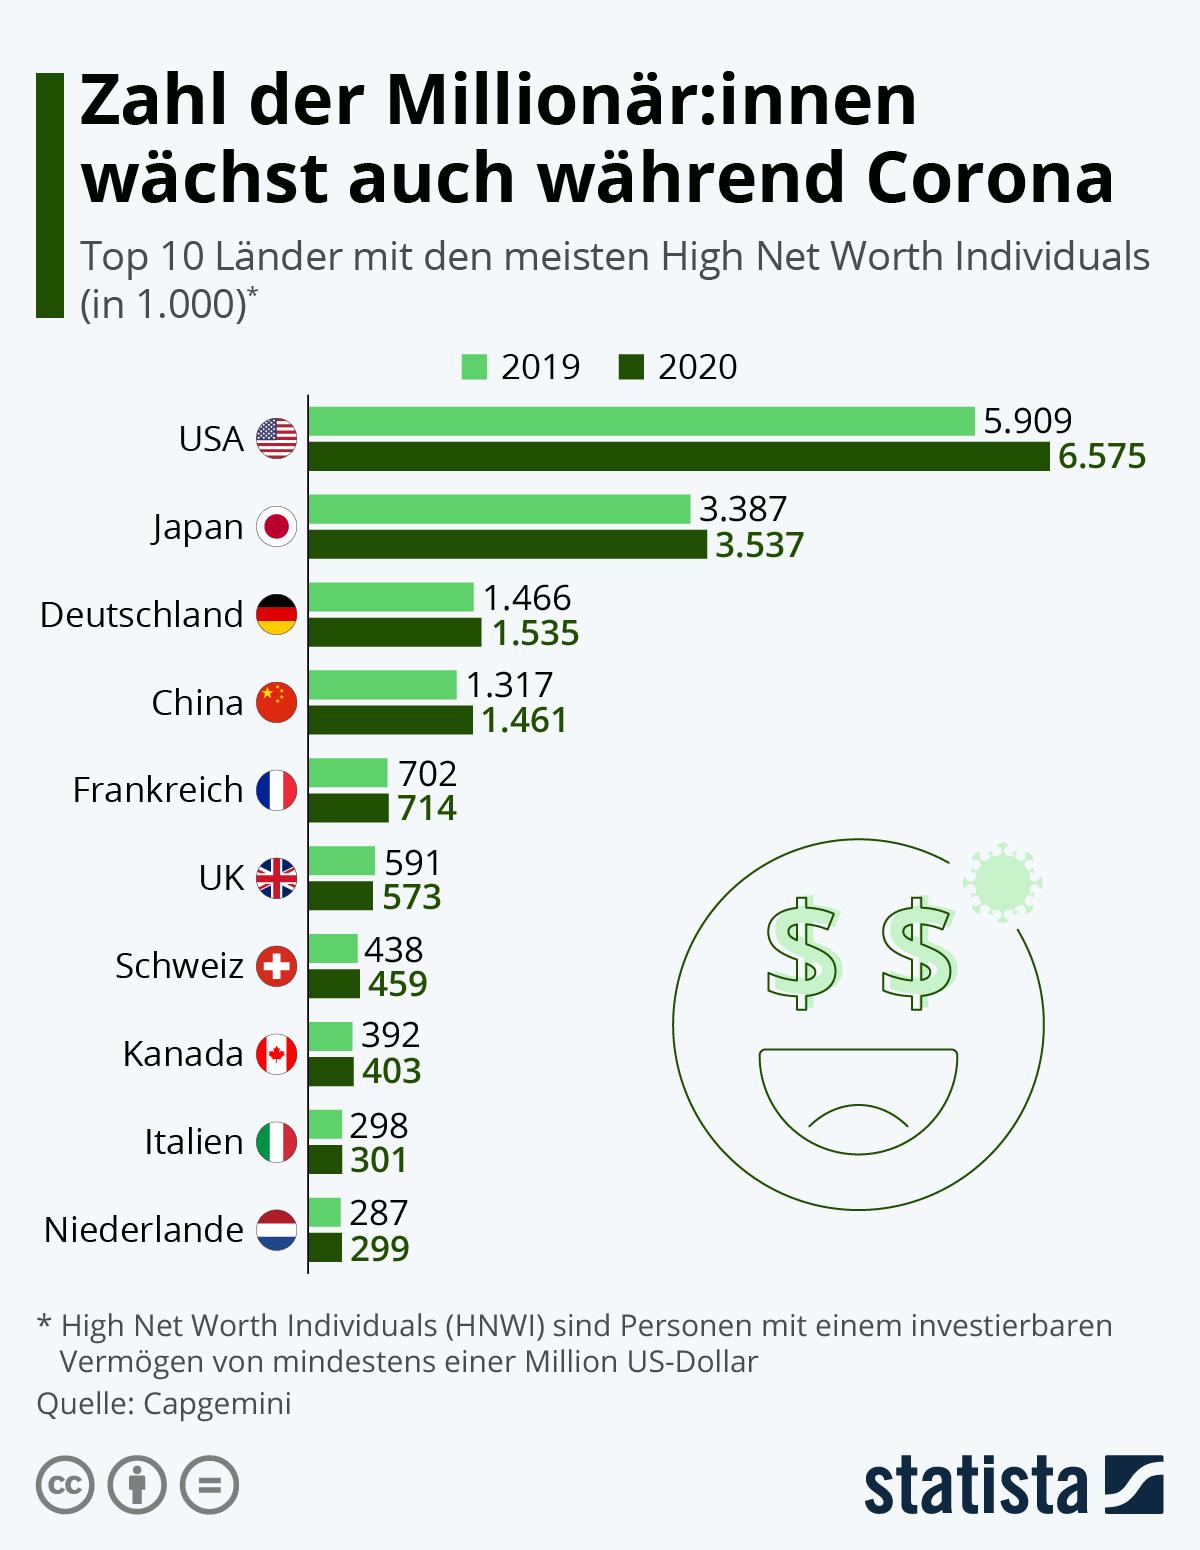 Infografik: Zahl der Millionär:innen wächst auch während Corona | Statista